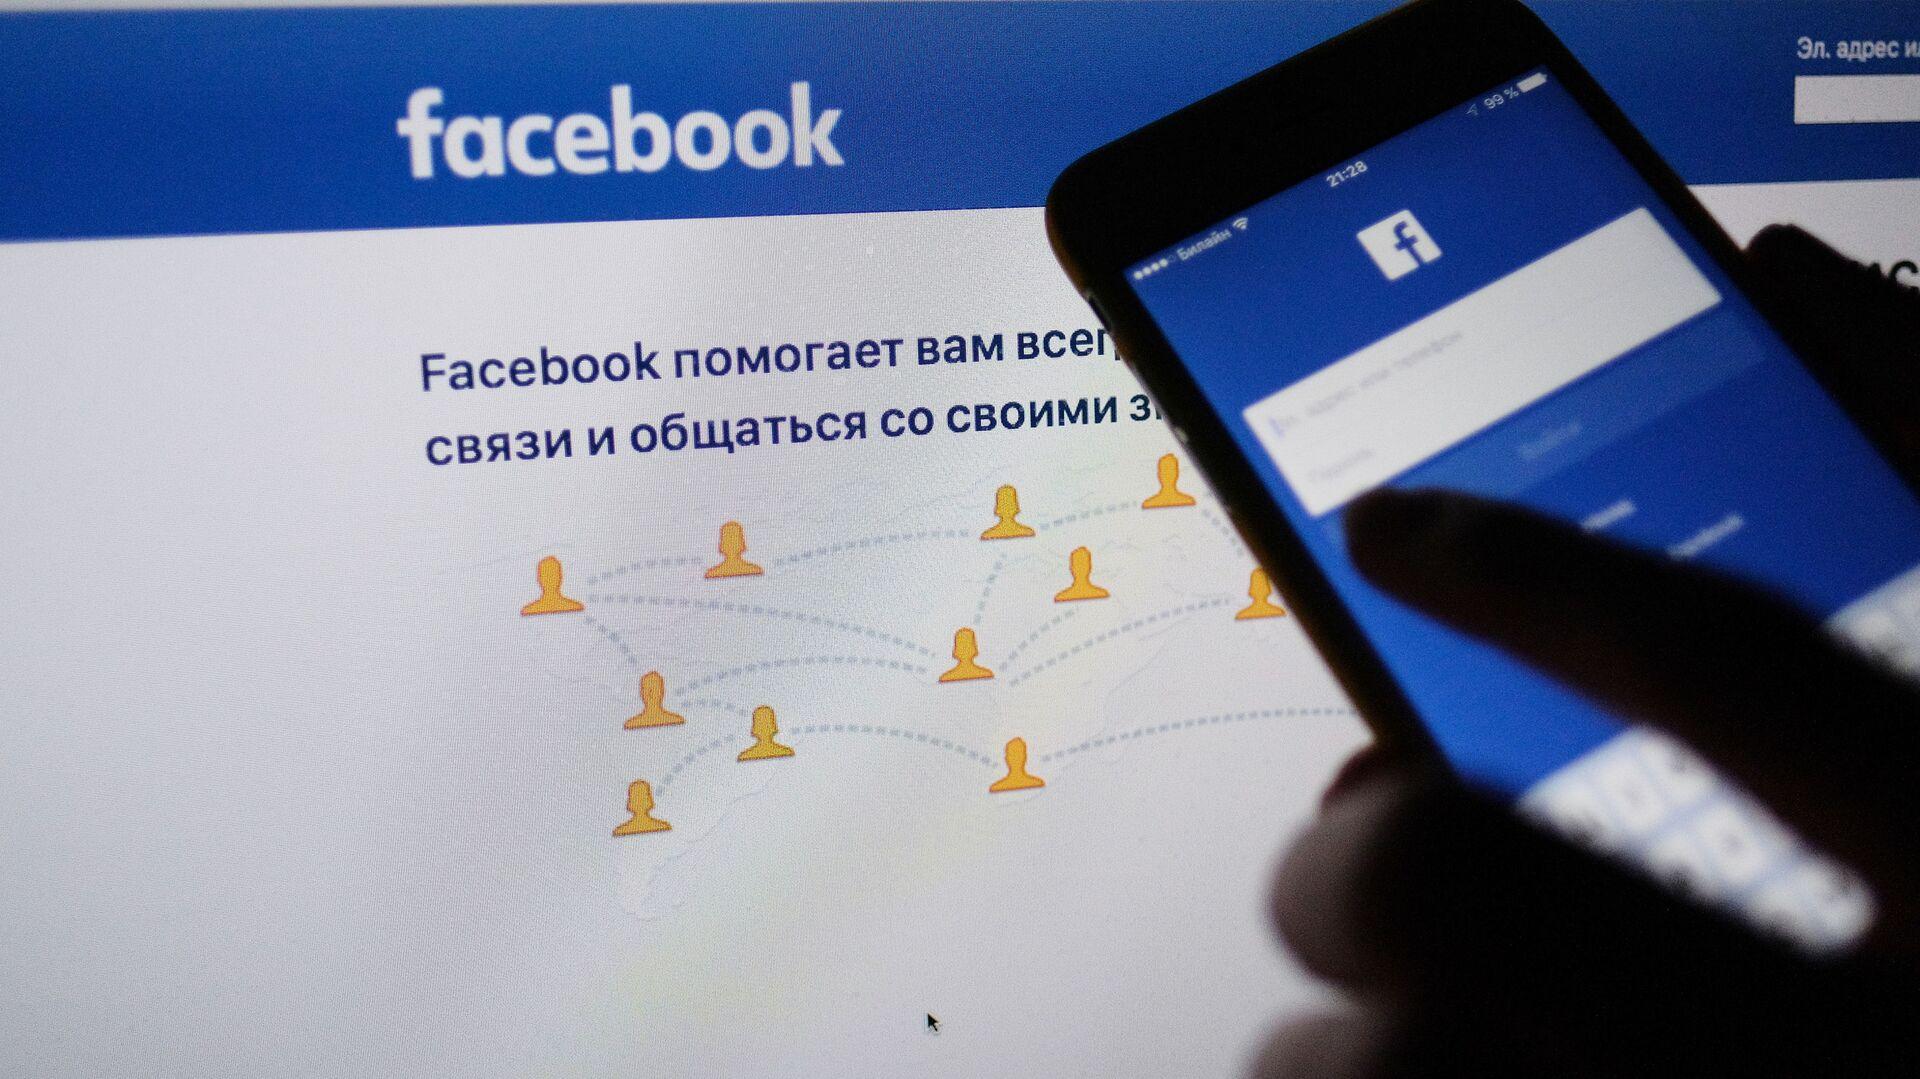 Страница социальной сети Фейсбук на экранах компьютера и смартфона - Sputnik Việt Nam, 1920, 05.10.2021